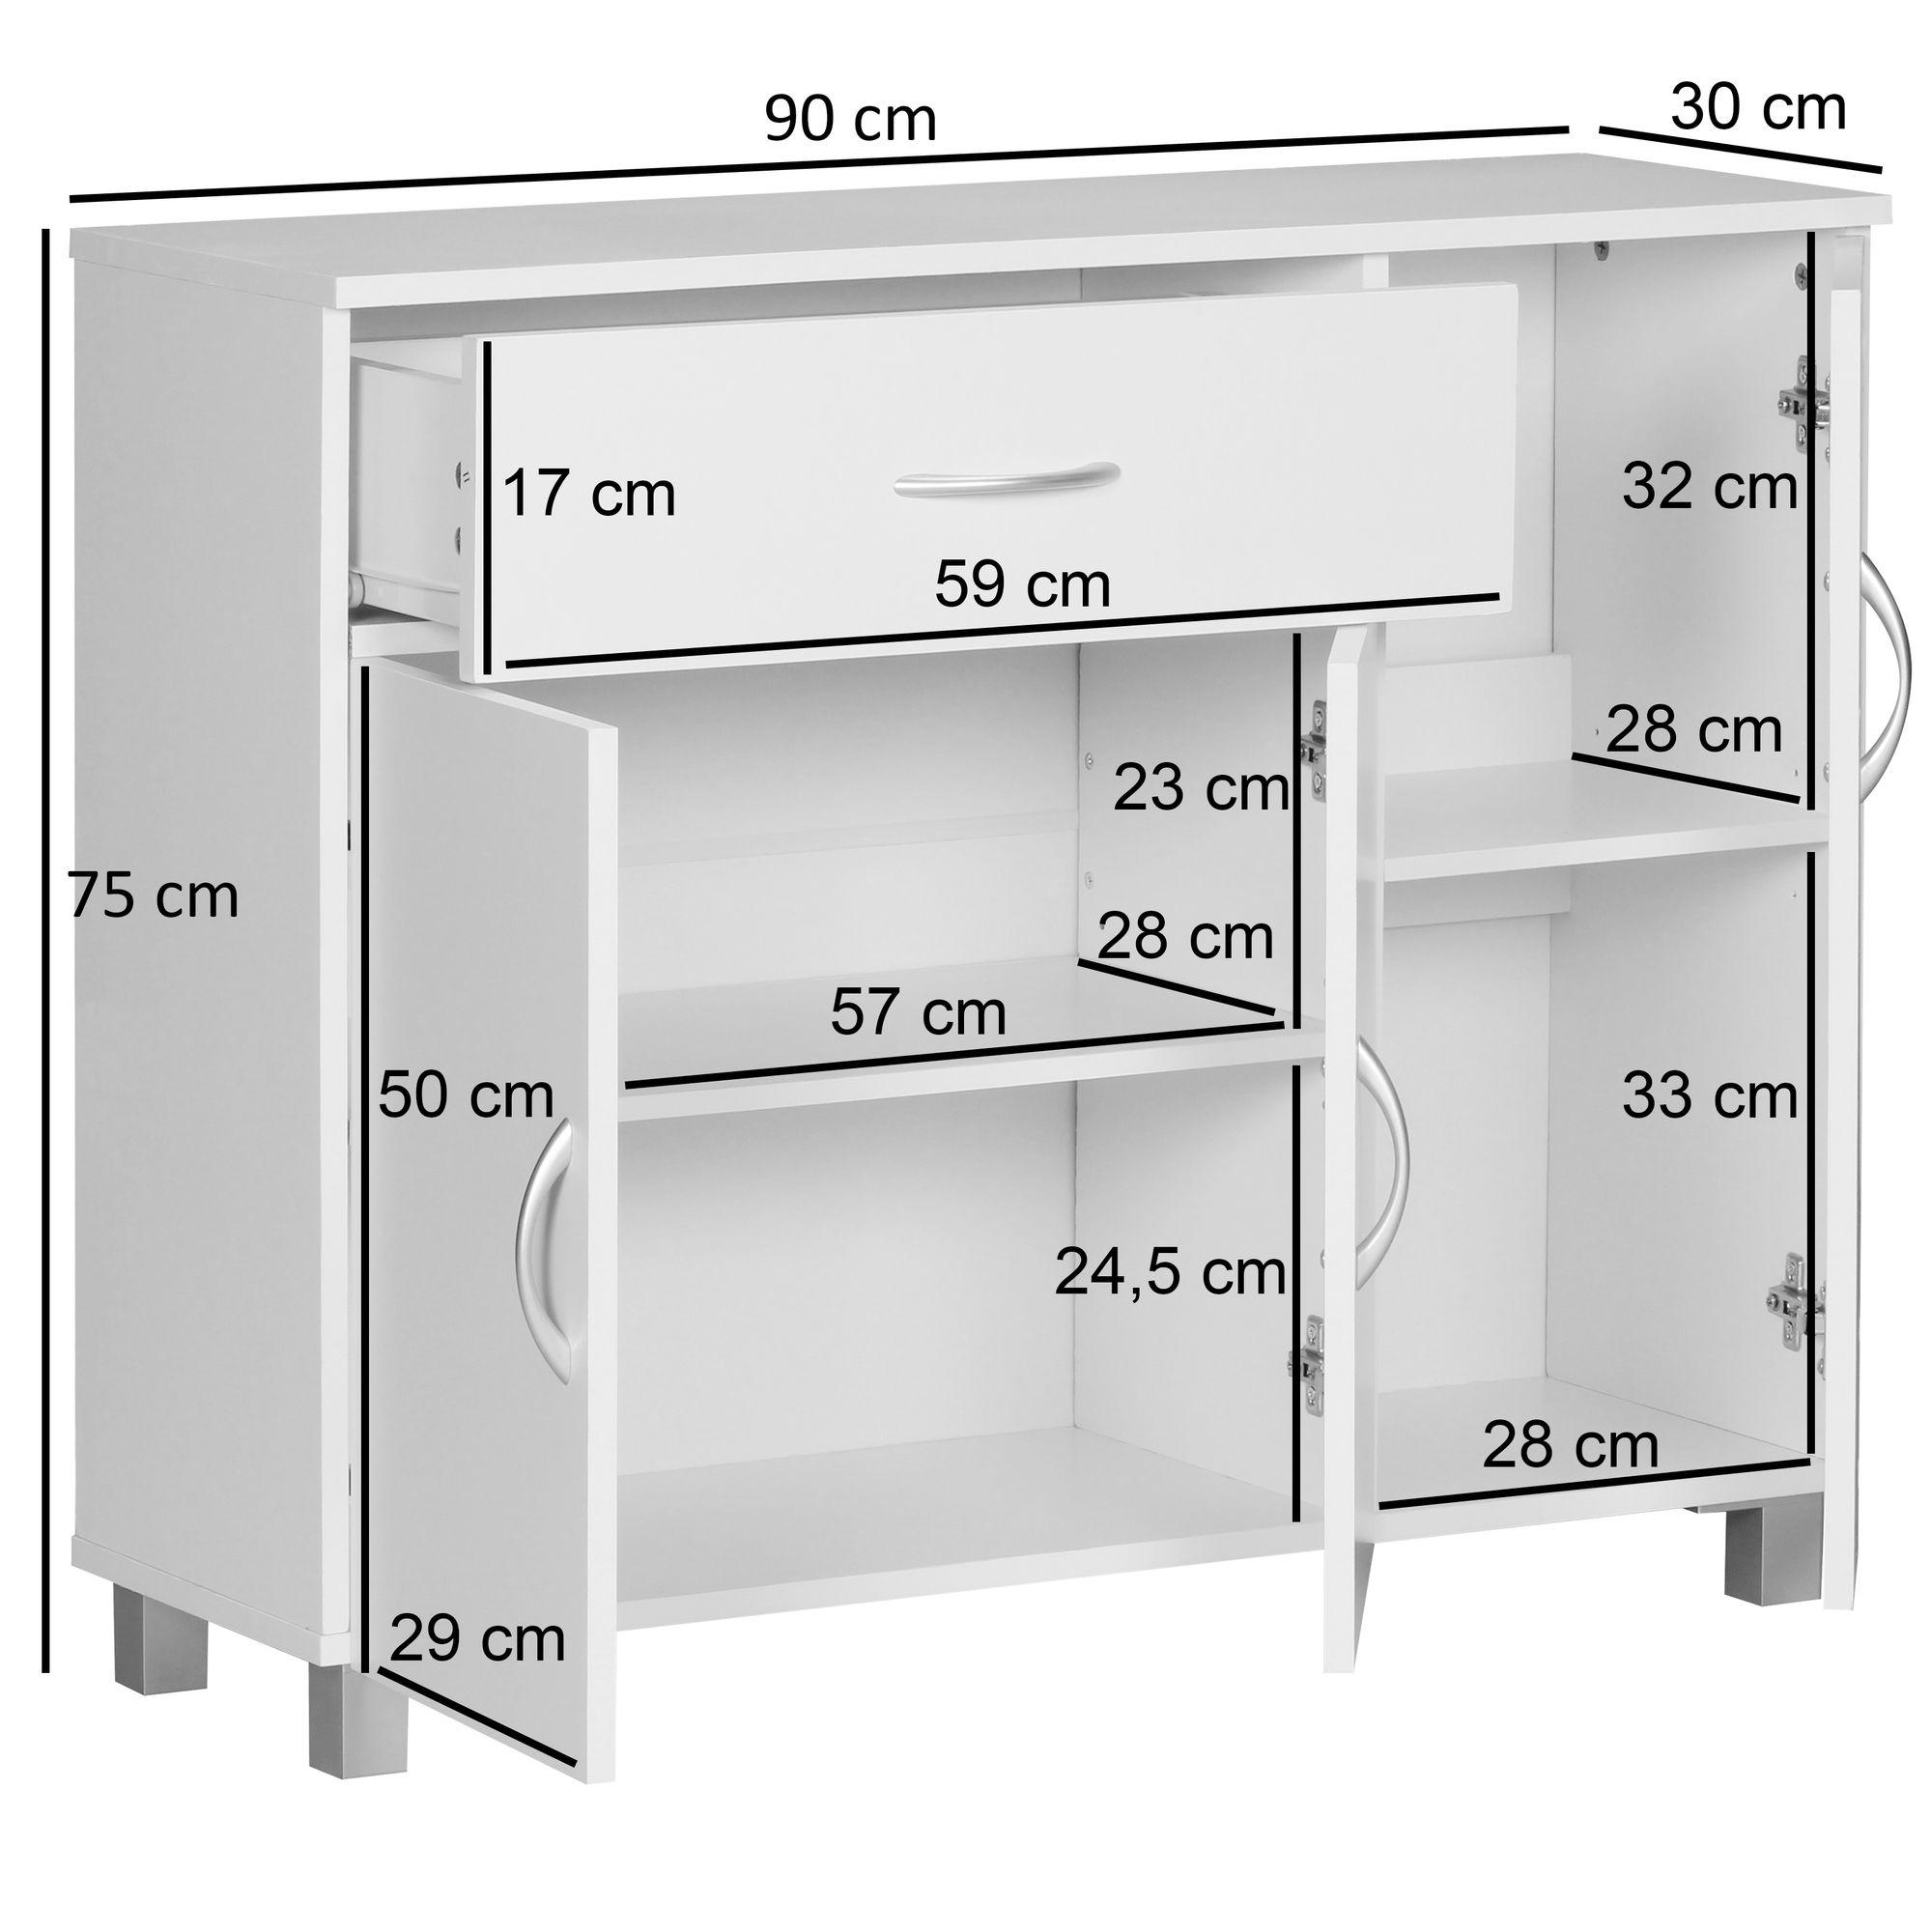 Finebuy Design Sideboard Jerry 90 X 75 X 30 Cm Schrankchen Mit 1 Schublade 3